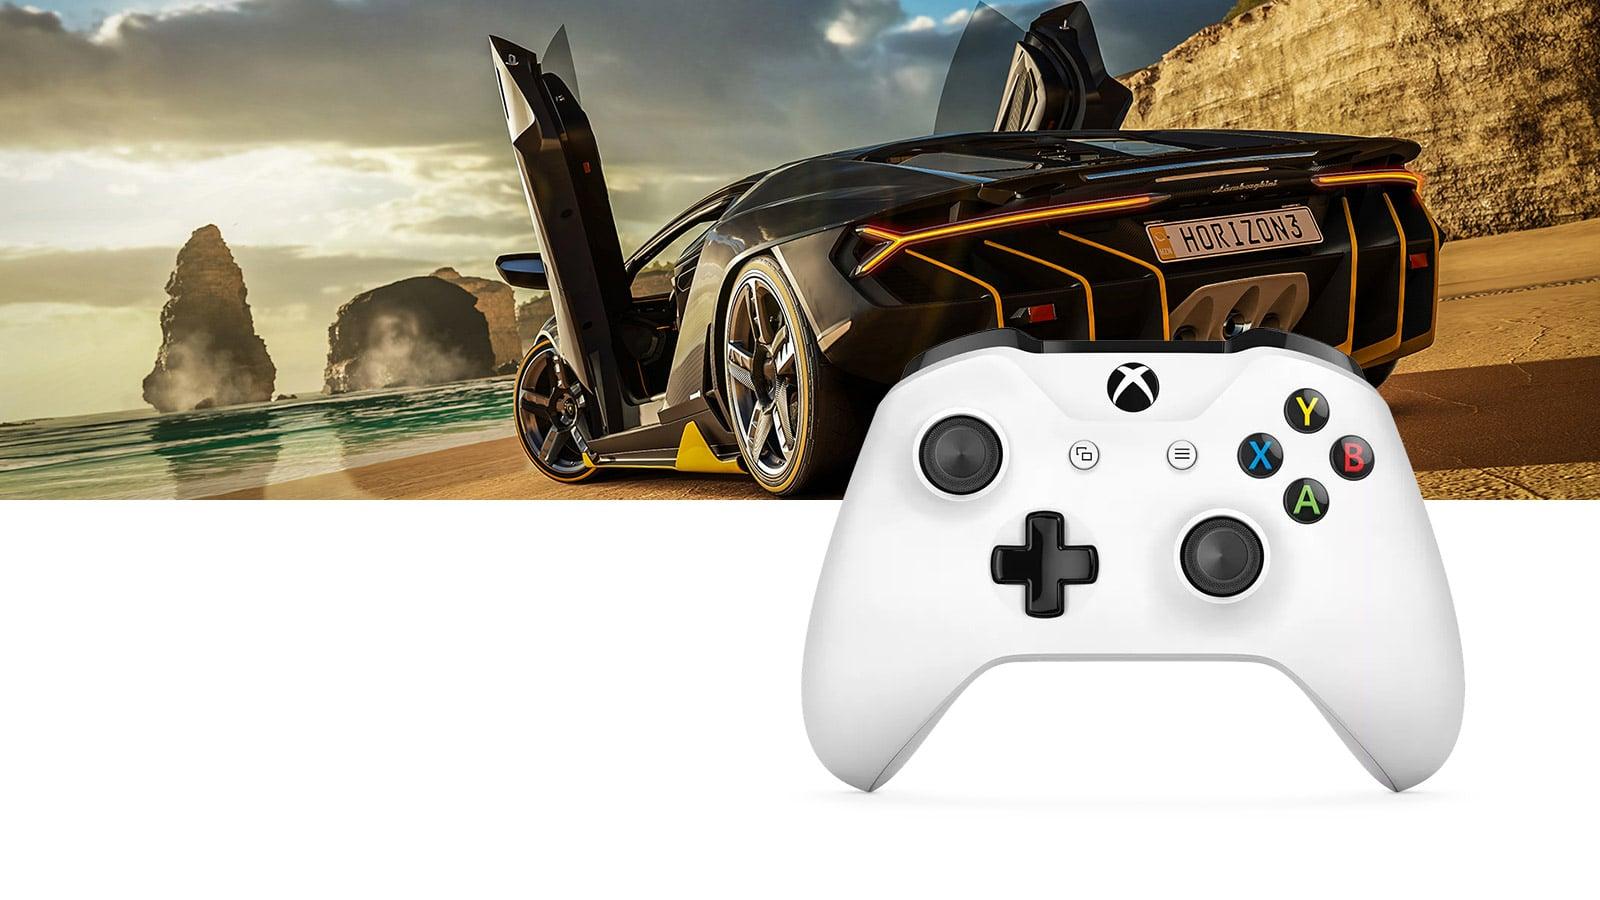 Xbox zgrą Forza ibiały kontroler